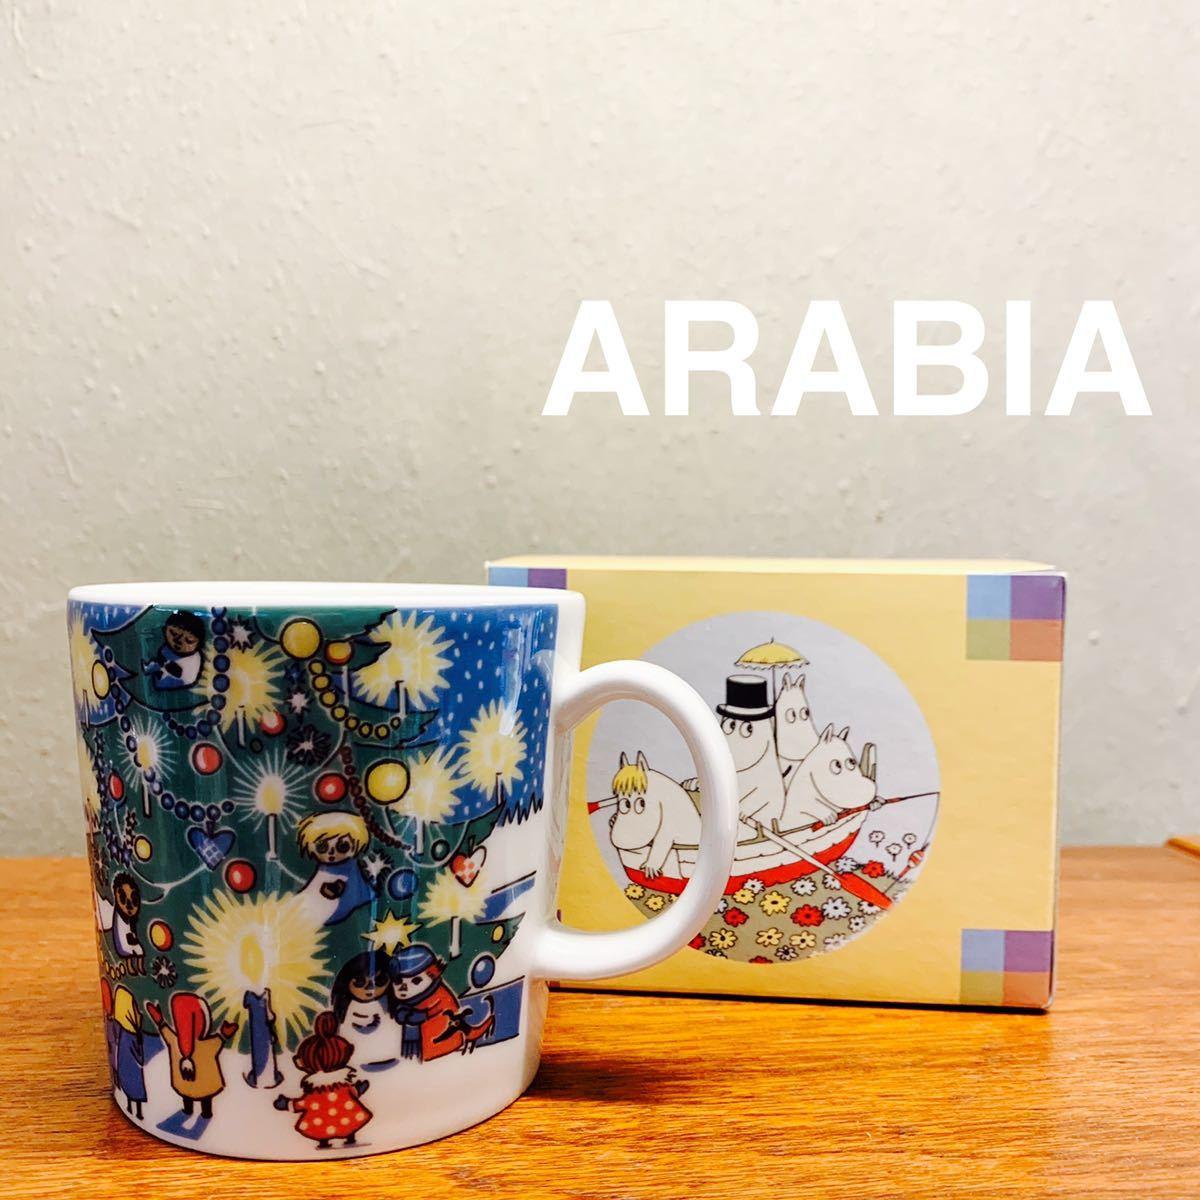 新品 アラビア ムーミン 2004 年 限定 クリスマス マグカップ 箱入り シール付き ARABIA イッタラ マリメッコ トーベヤンソン レア 廃番